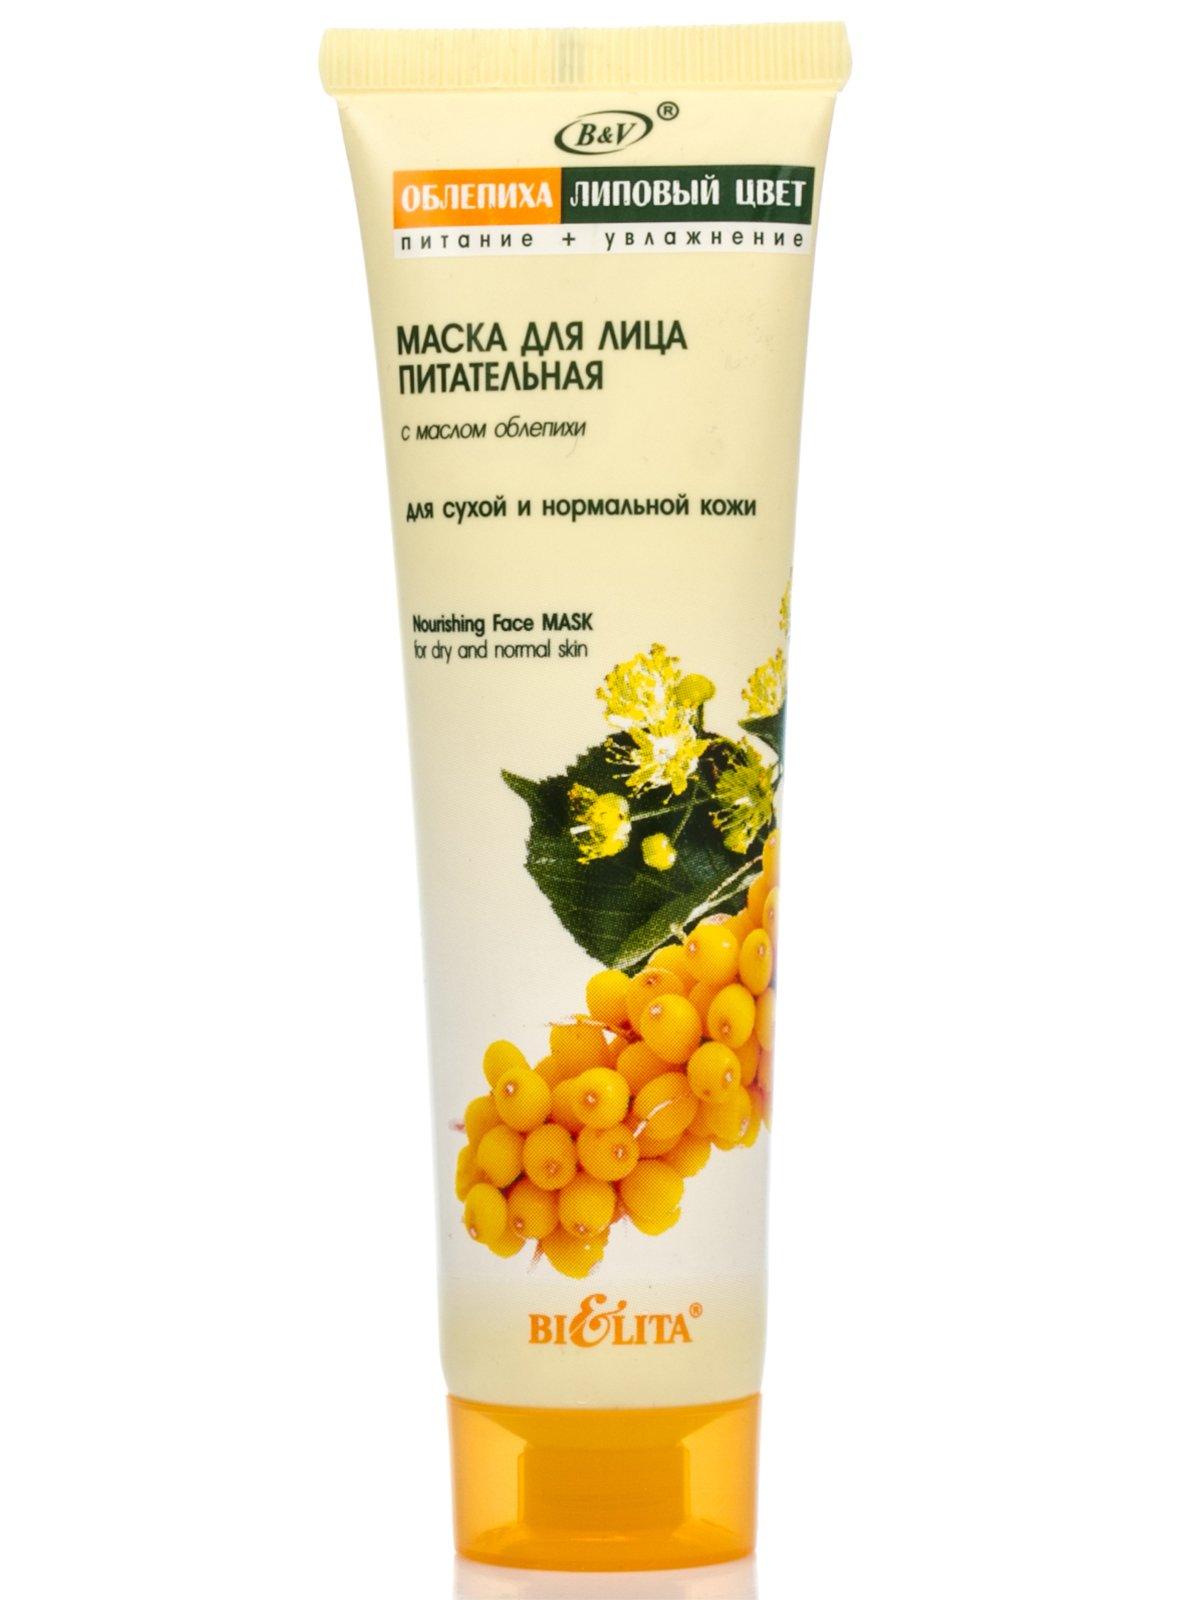 Маска для лица питательная для сухой и нормальной кожи (100 мл)   2015467